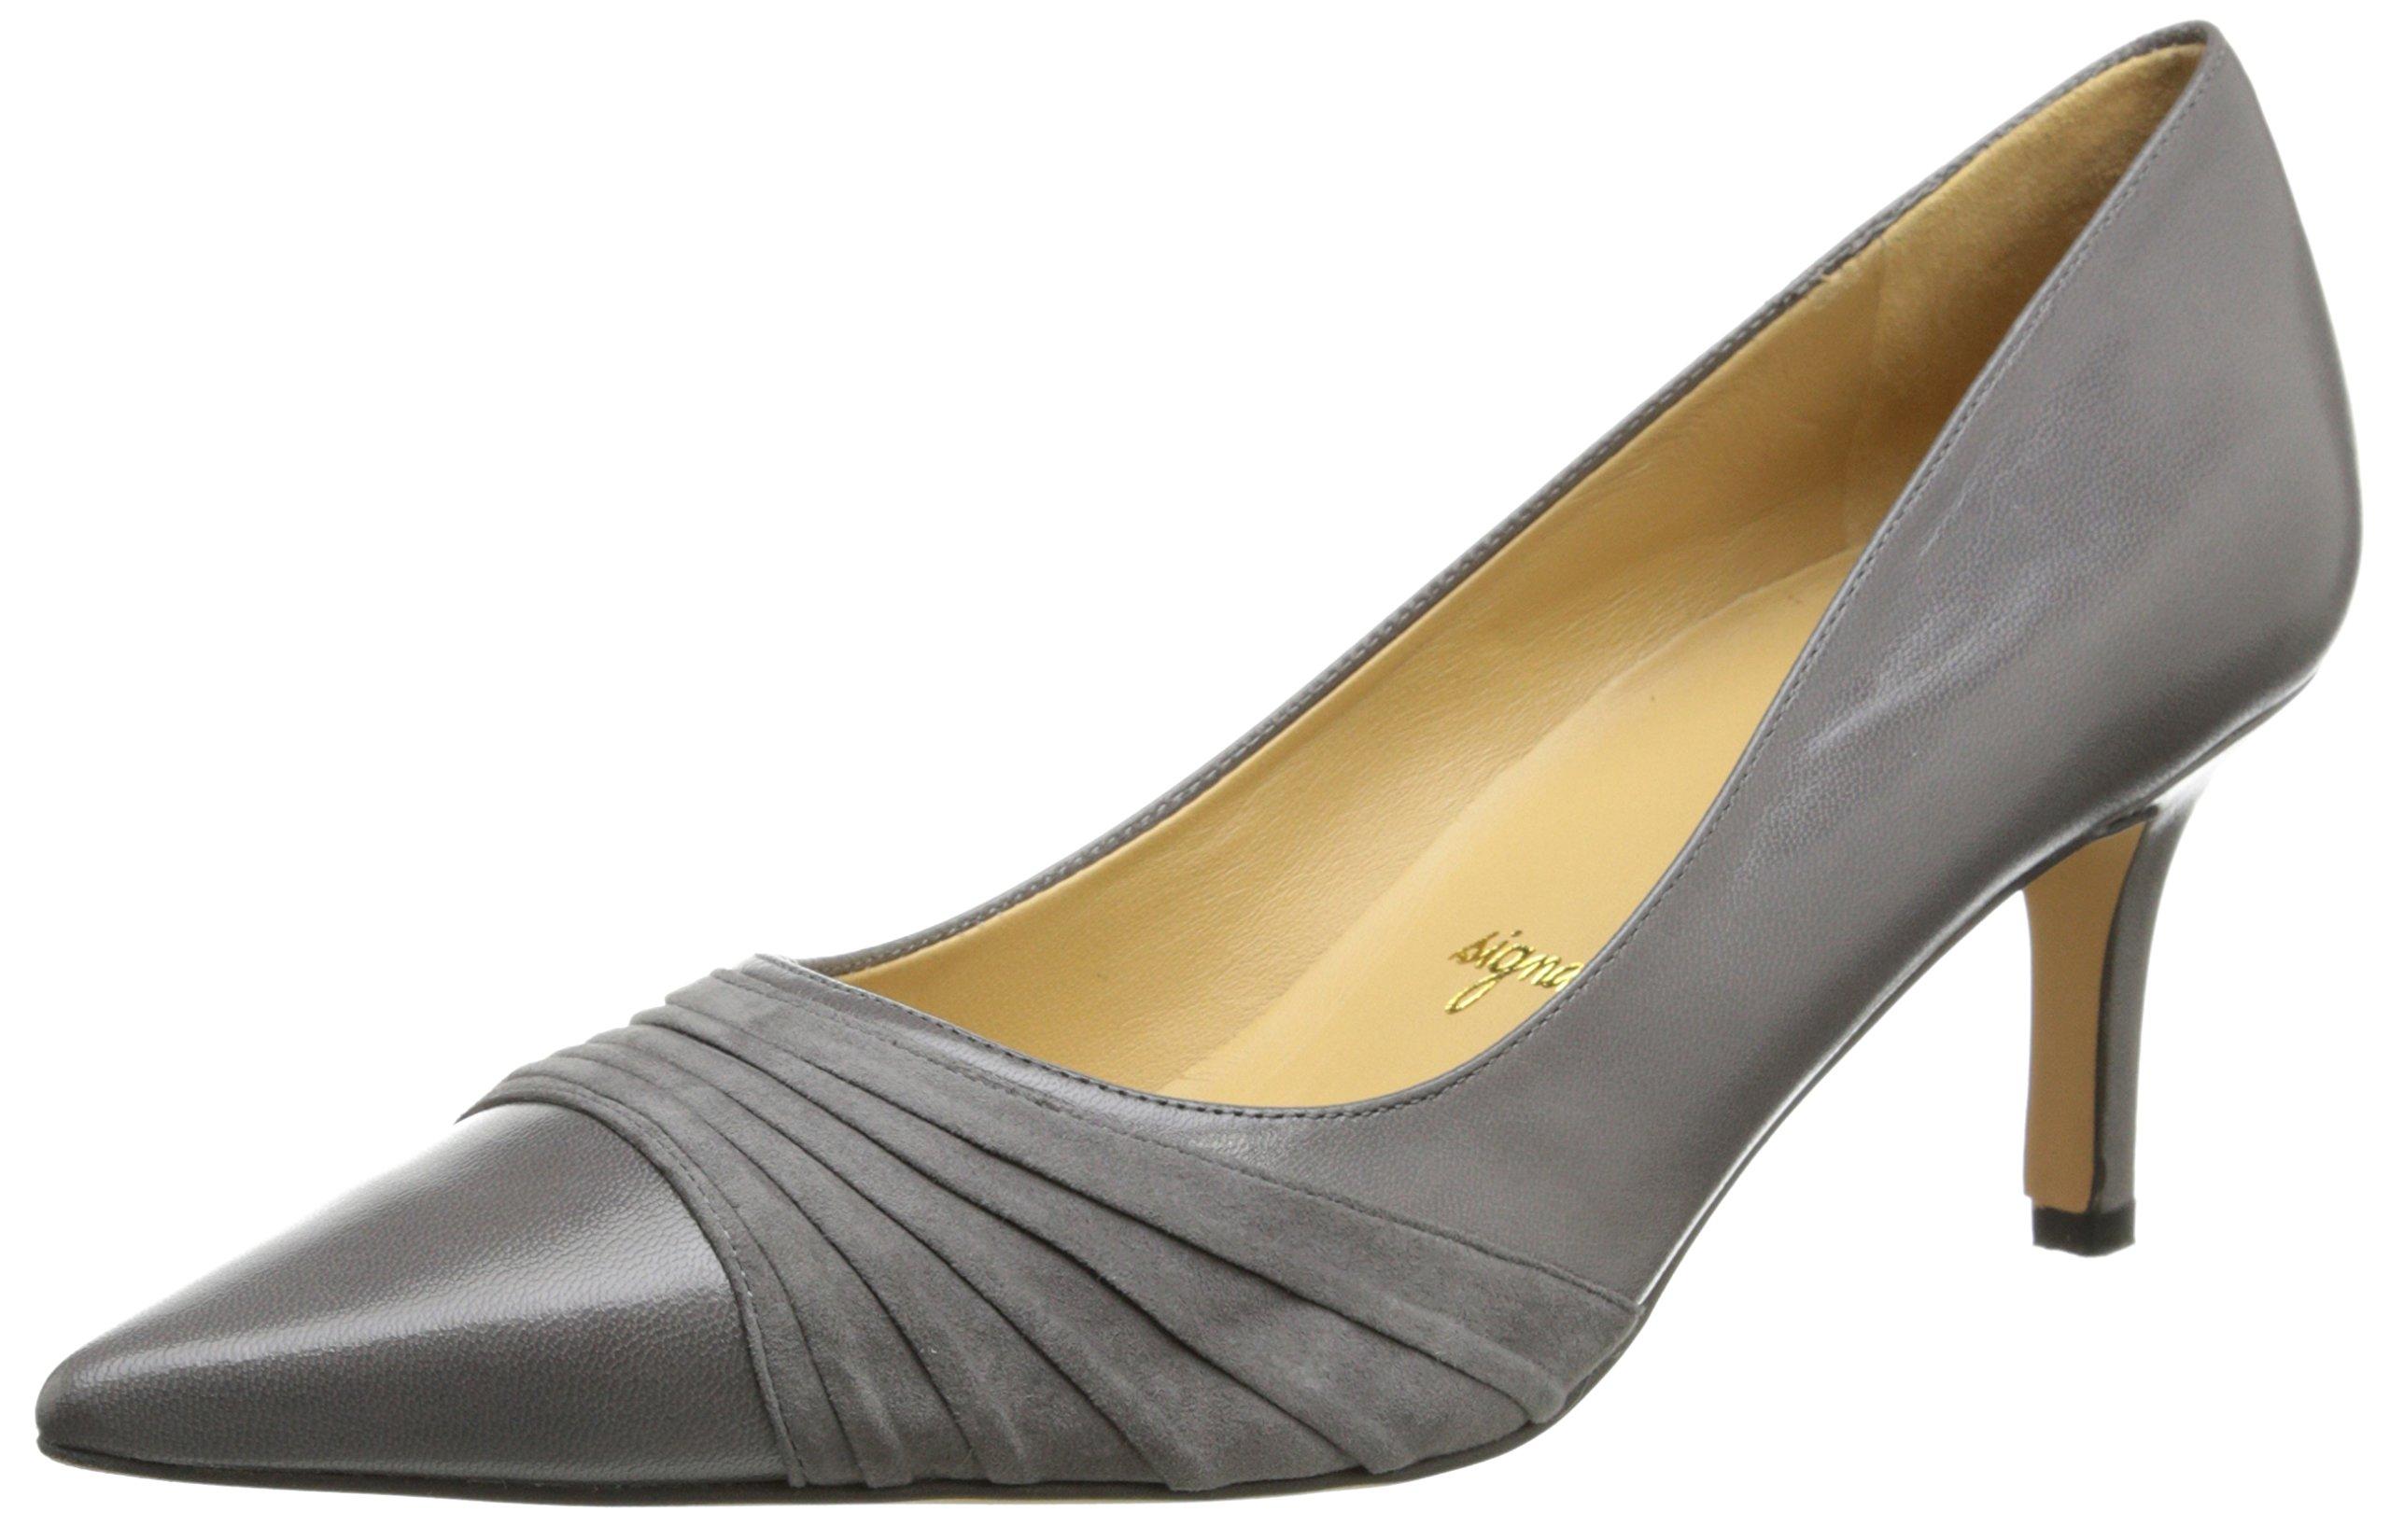 Trotters Women's Alexandra Dress Pump,Dark Grey,7.5 W US